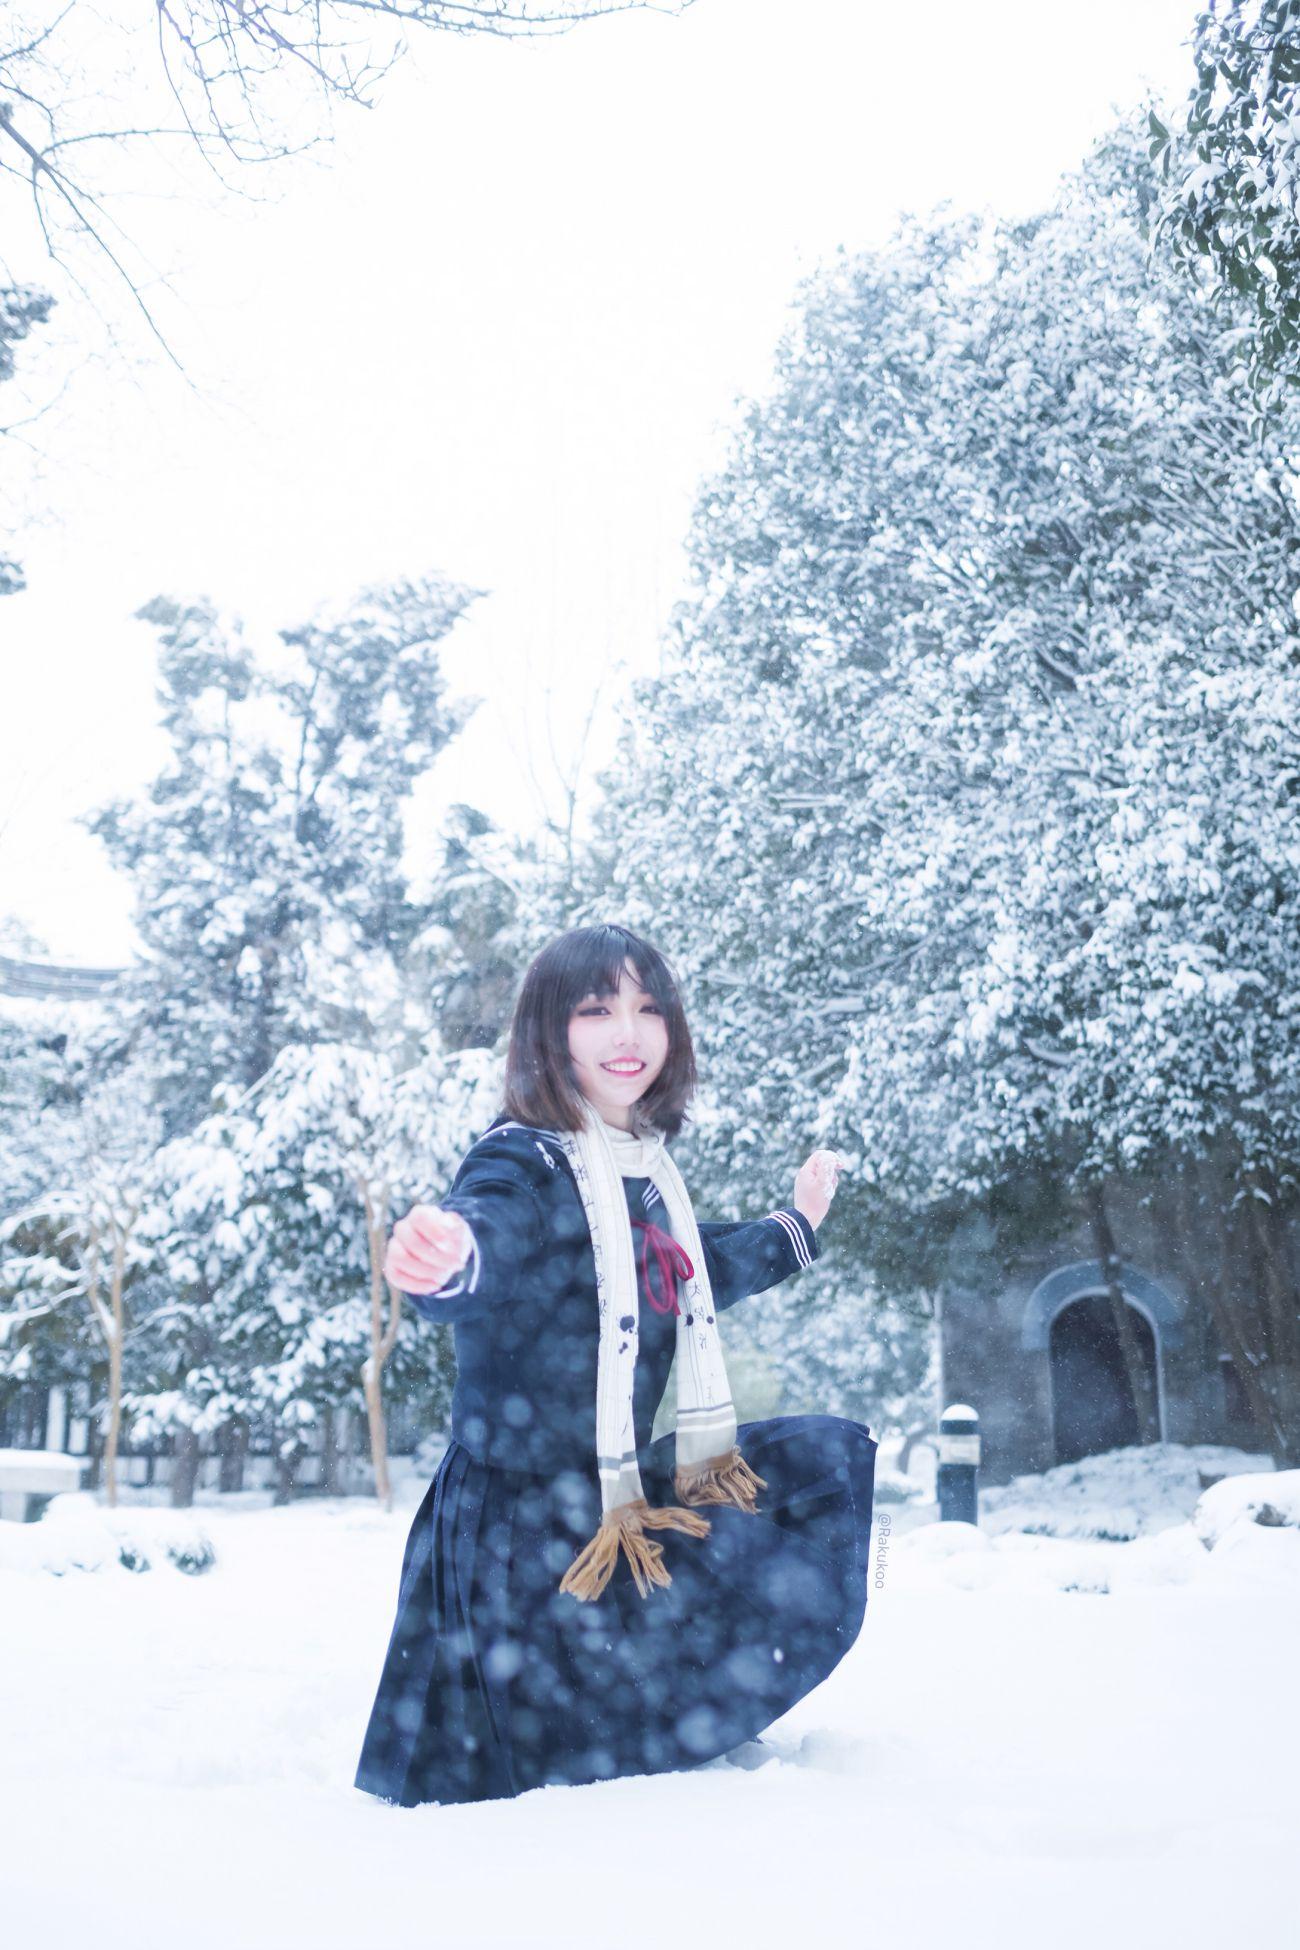 微博美少女犬神洛洛子Cosplay寫真雪中jk|檸檬皮